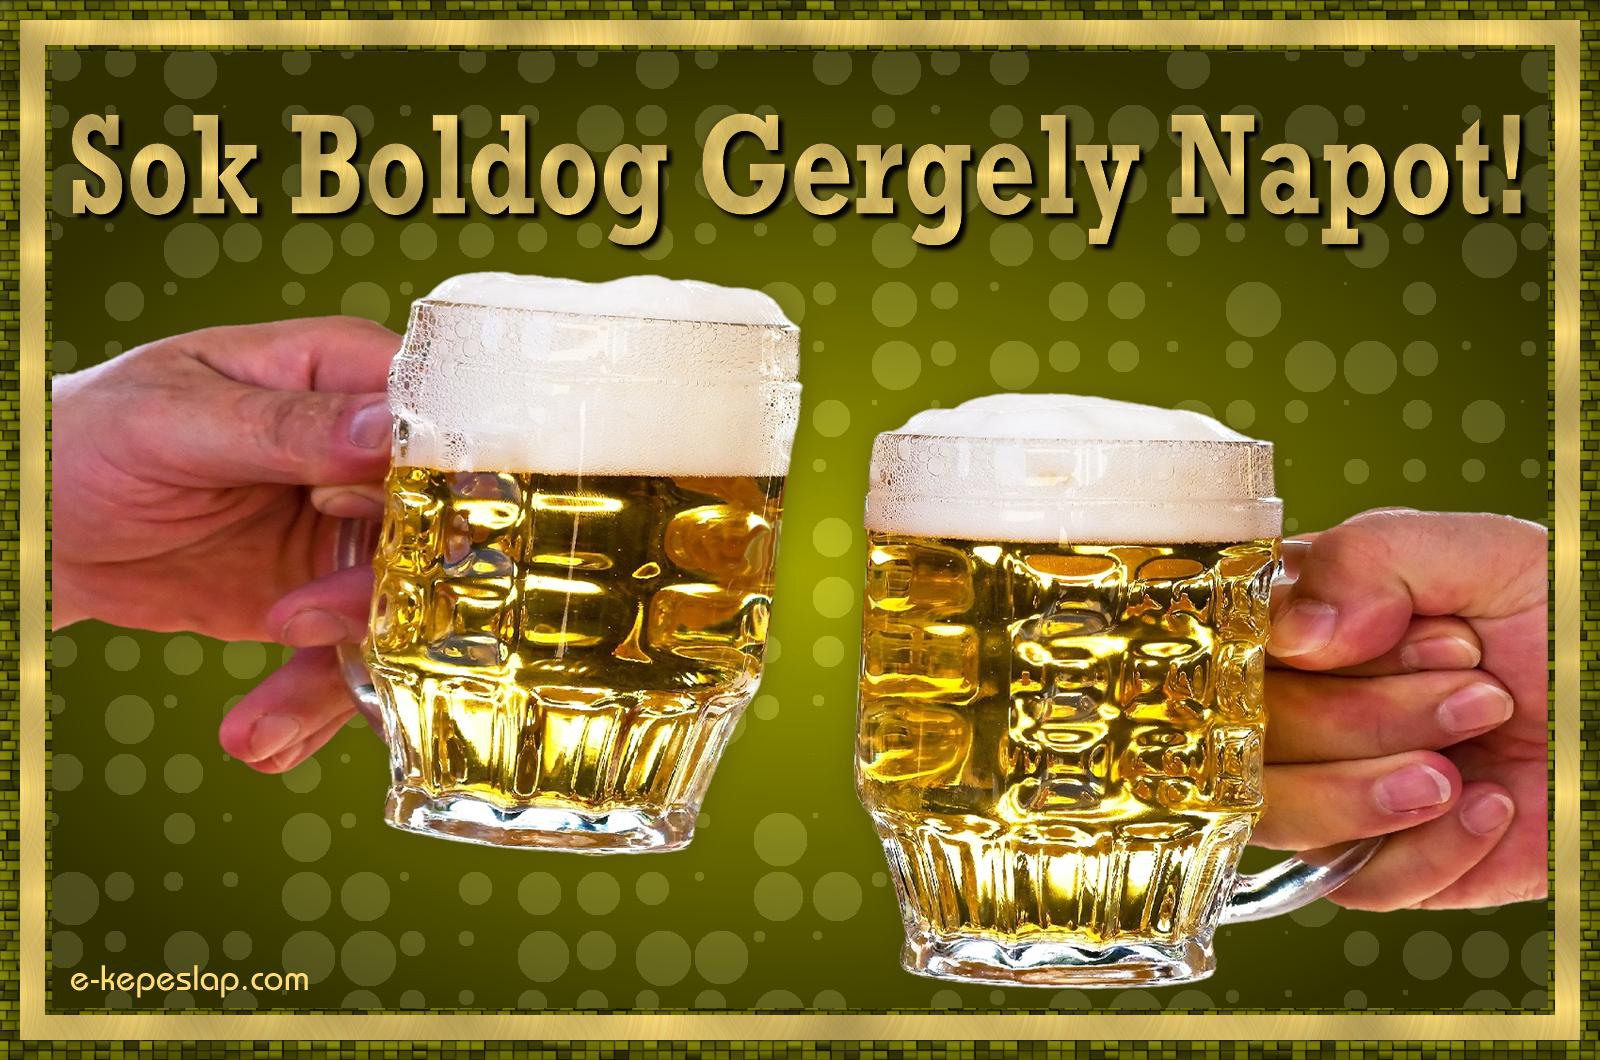 gergely napi köszöntő Gergely névnapi képeslap   Képeslapküldés   e kepeslap.com gergely napi köszöntő